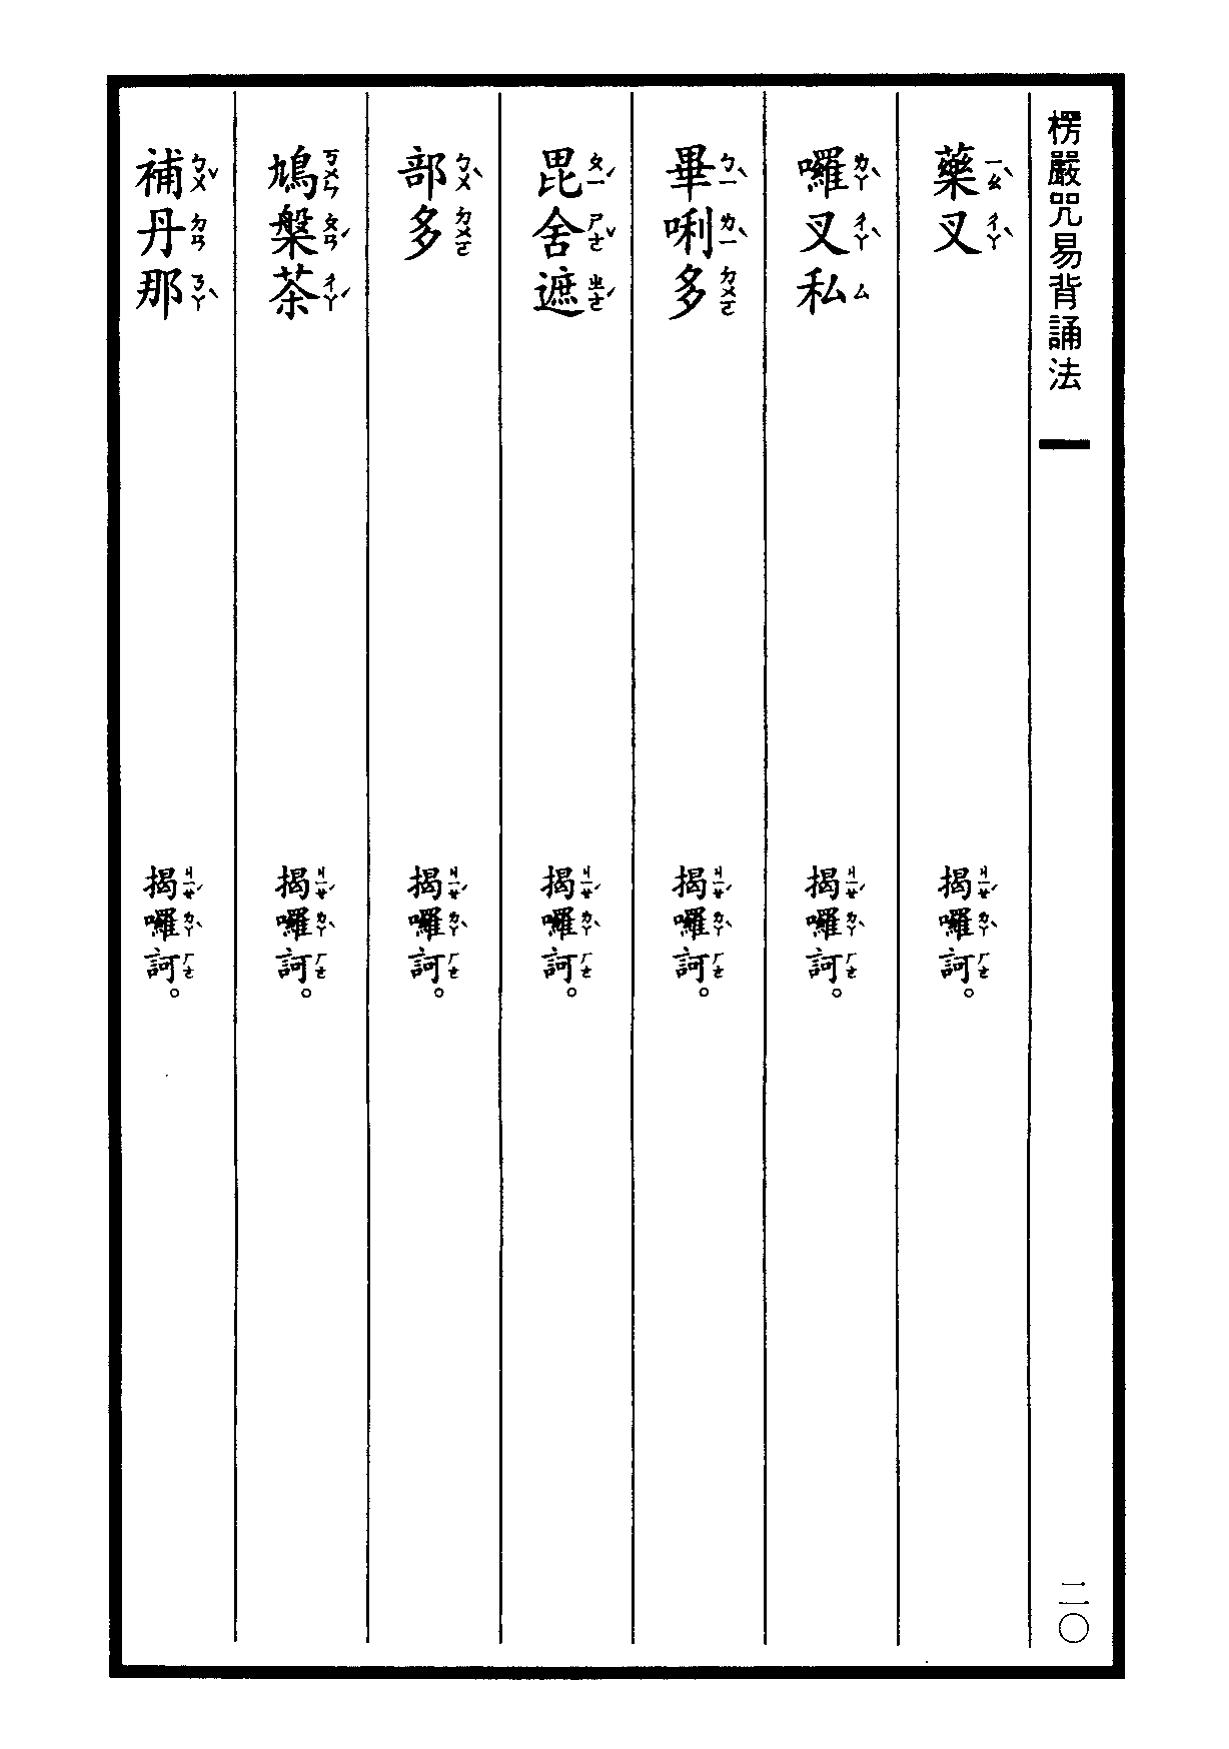 楞嚴咒-大悲咒-十小咒-易背本 26.png